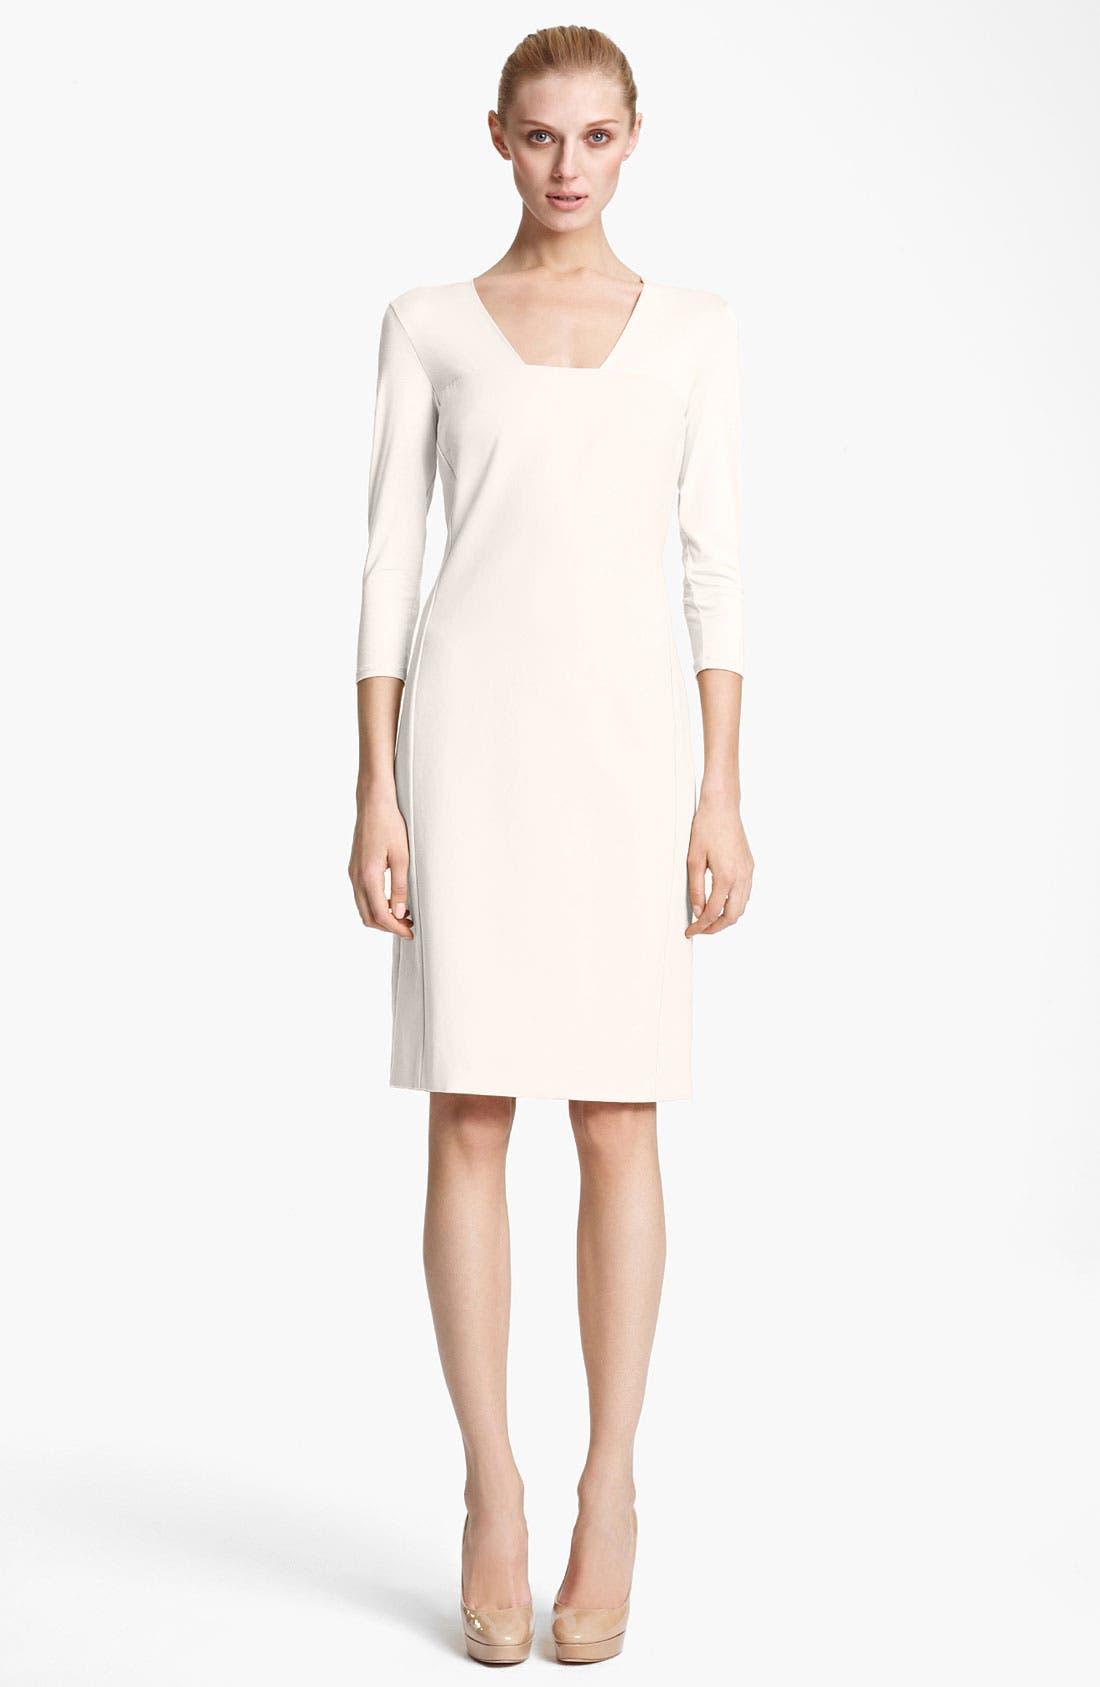 Main Image - Max Mara 'Segnale' Square Neck Jersey Dress